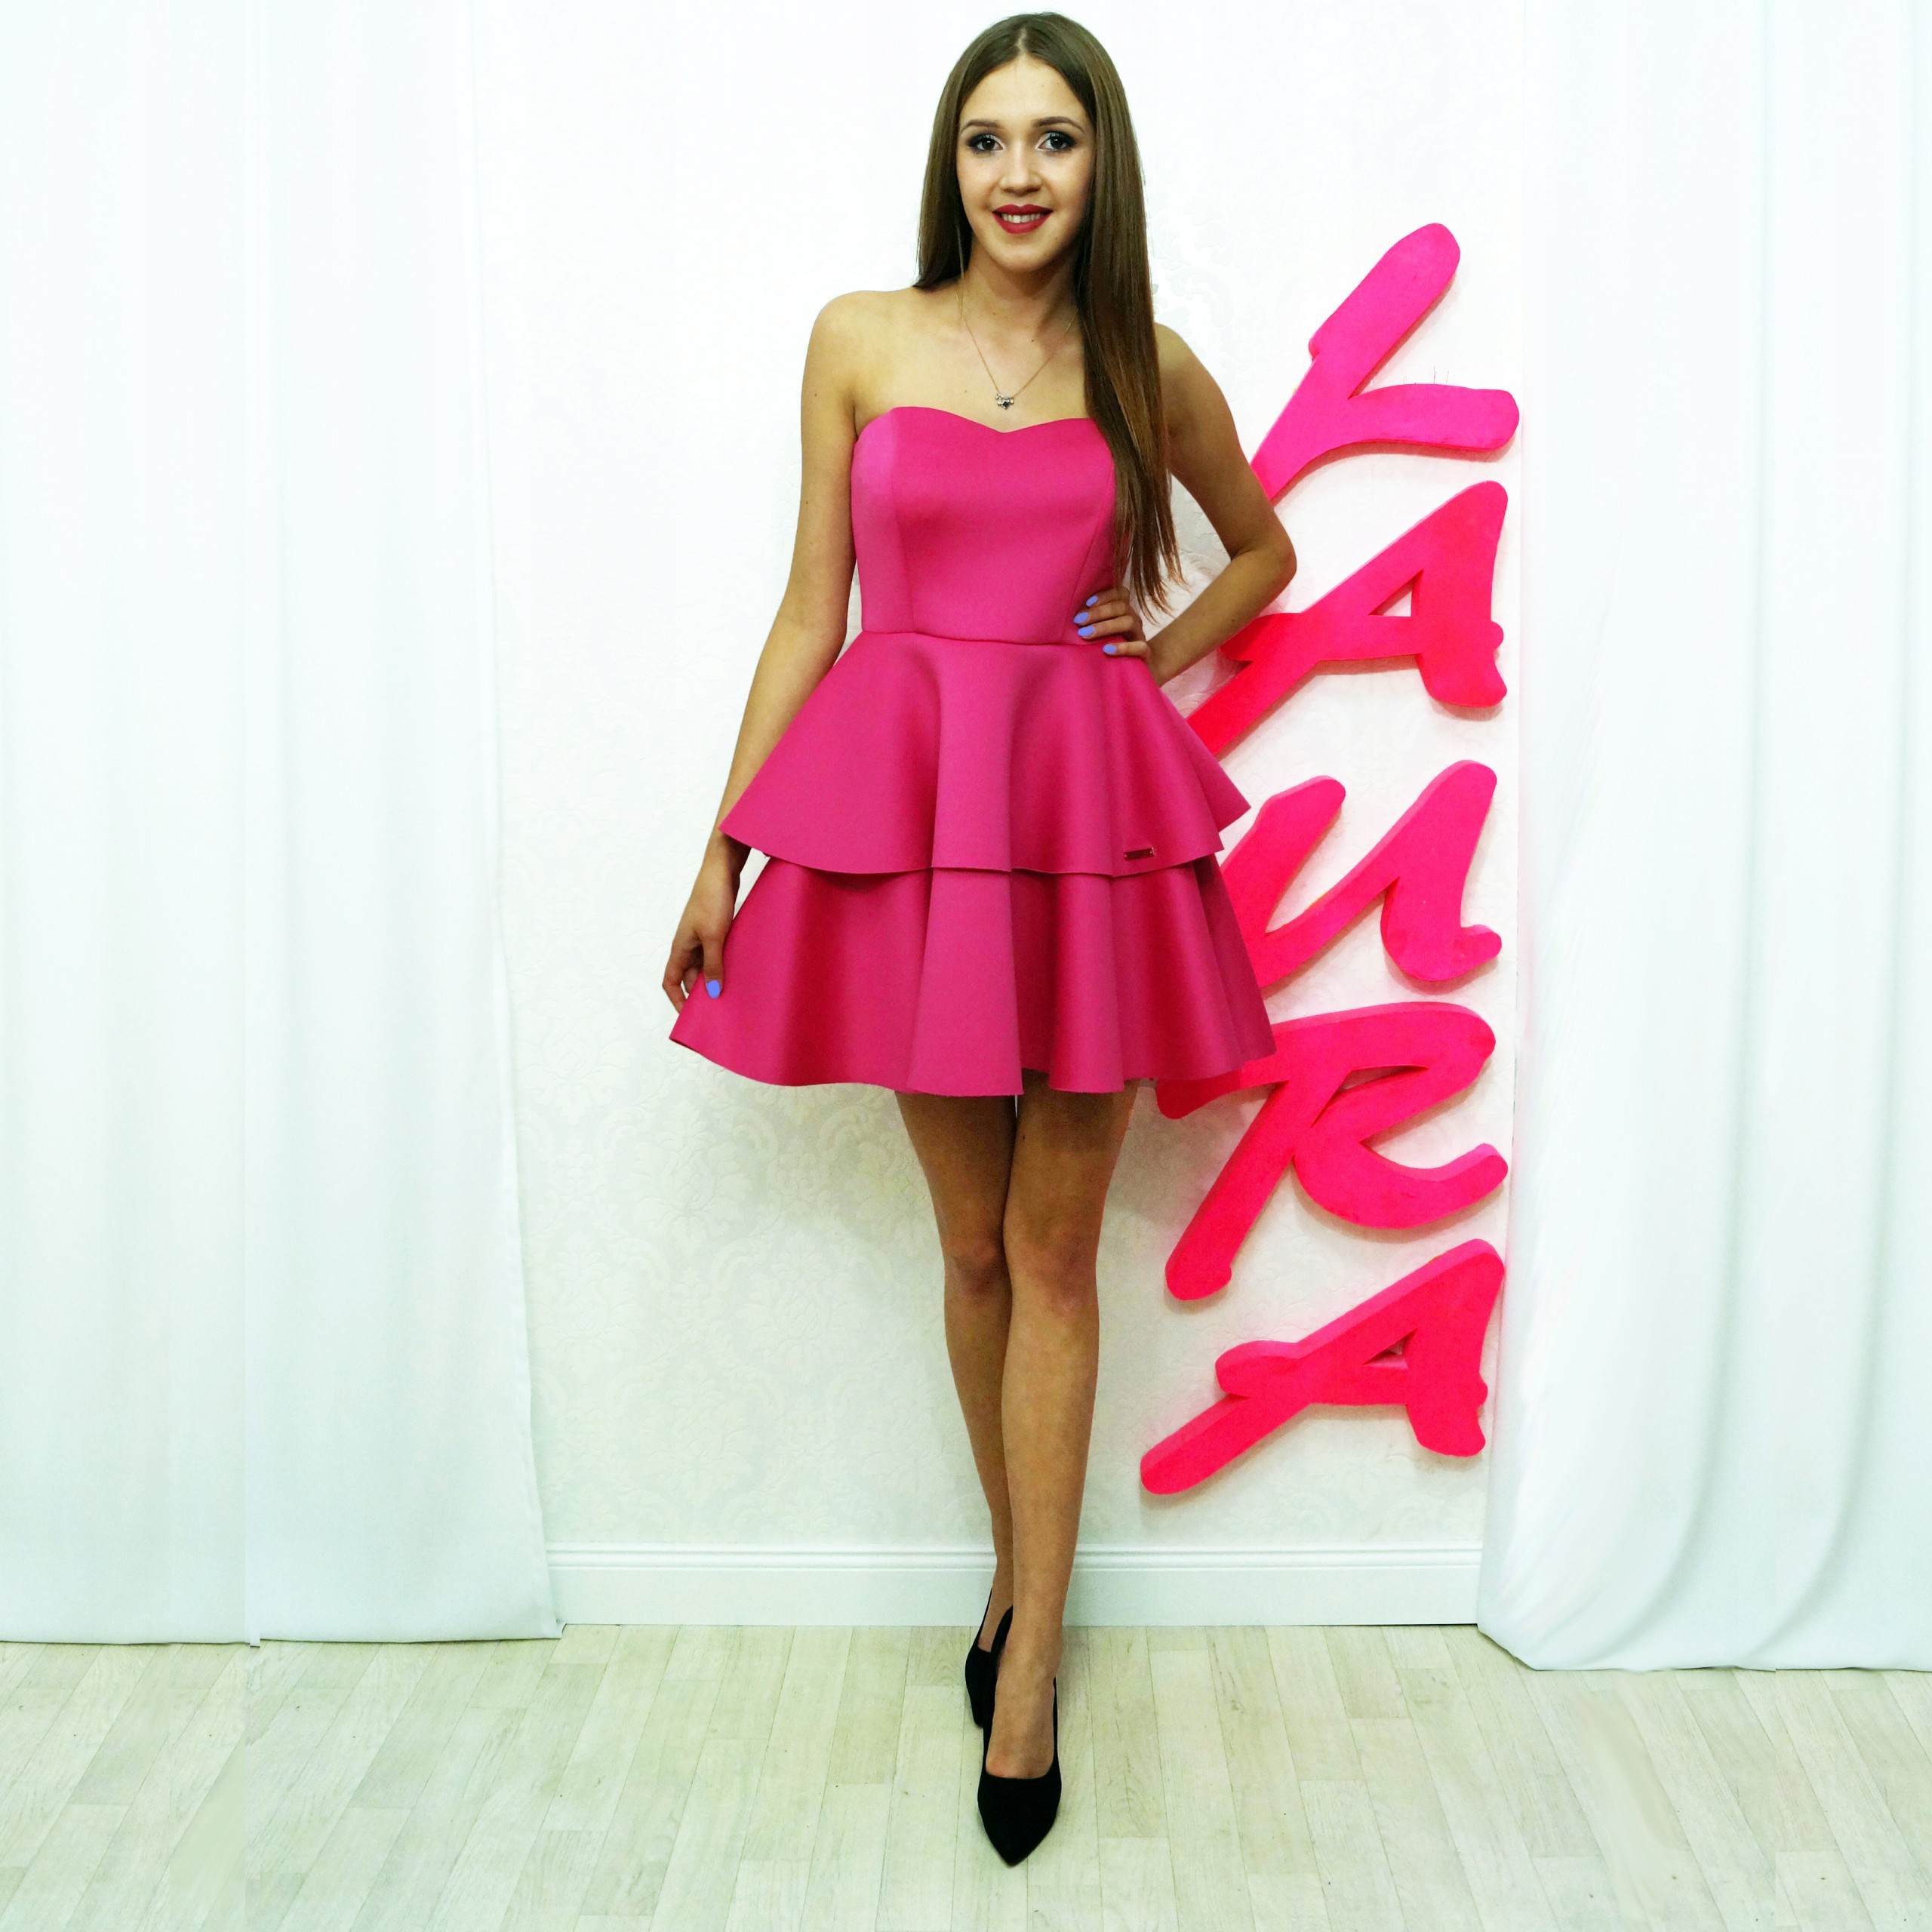 dc501c0de6 Sukienka gorsetowa z różowej pianki 40 - 7429129343 - oficjalne ...